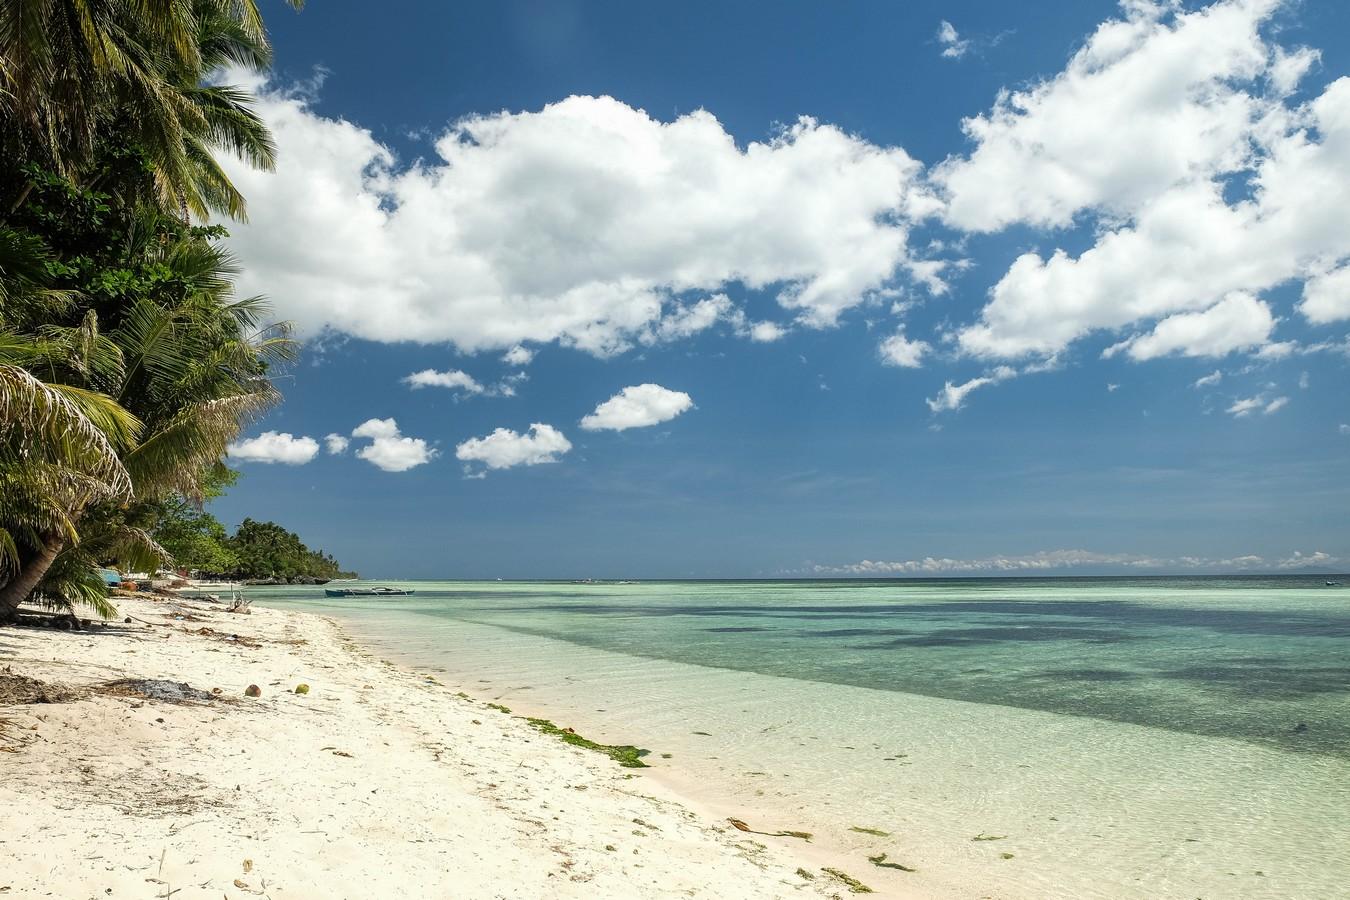 Plage de sable blanc à Siquijor aux Philippines